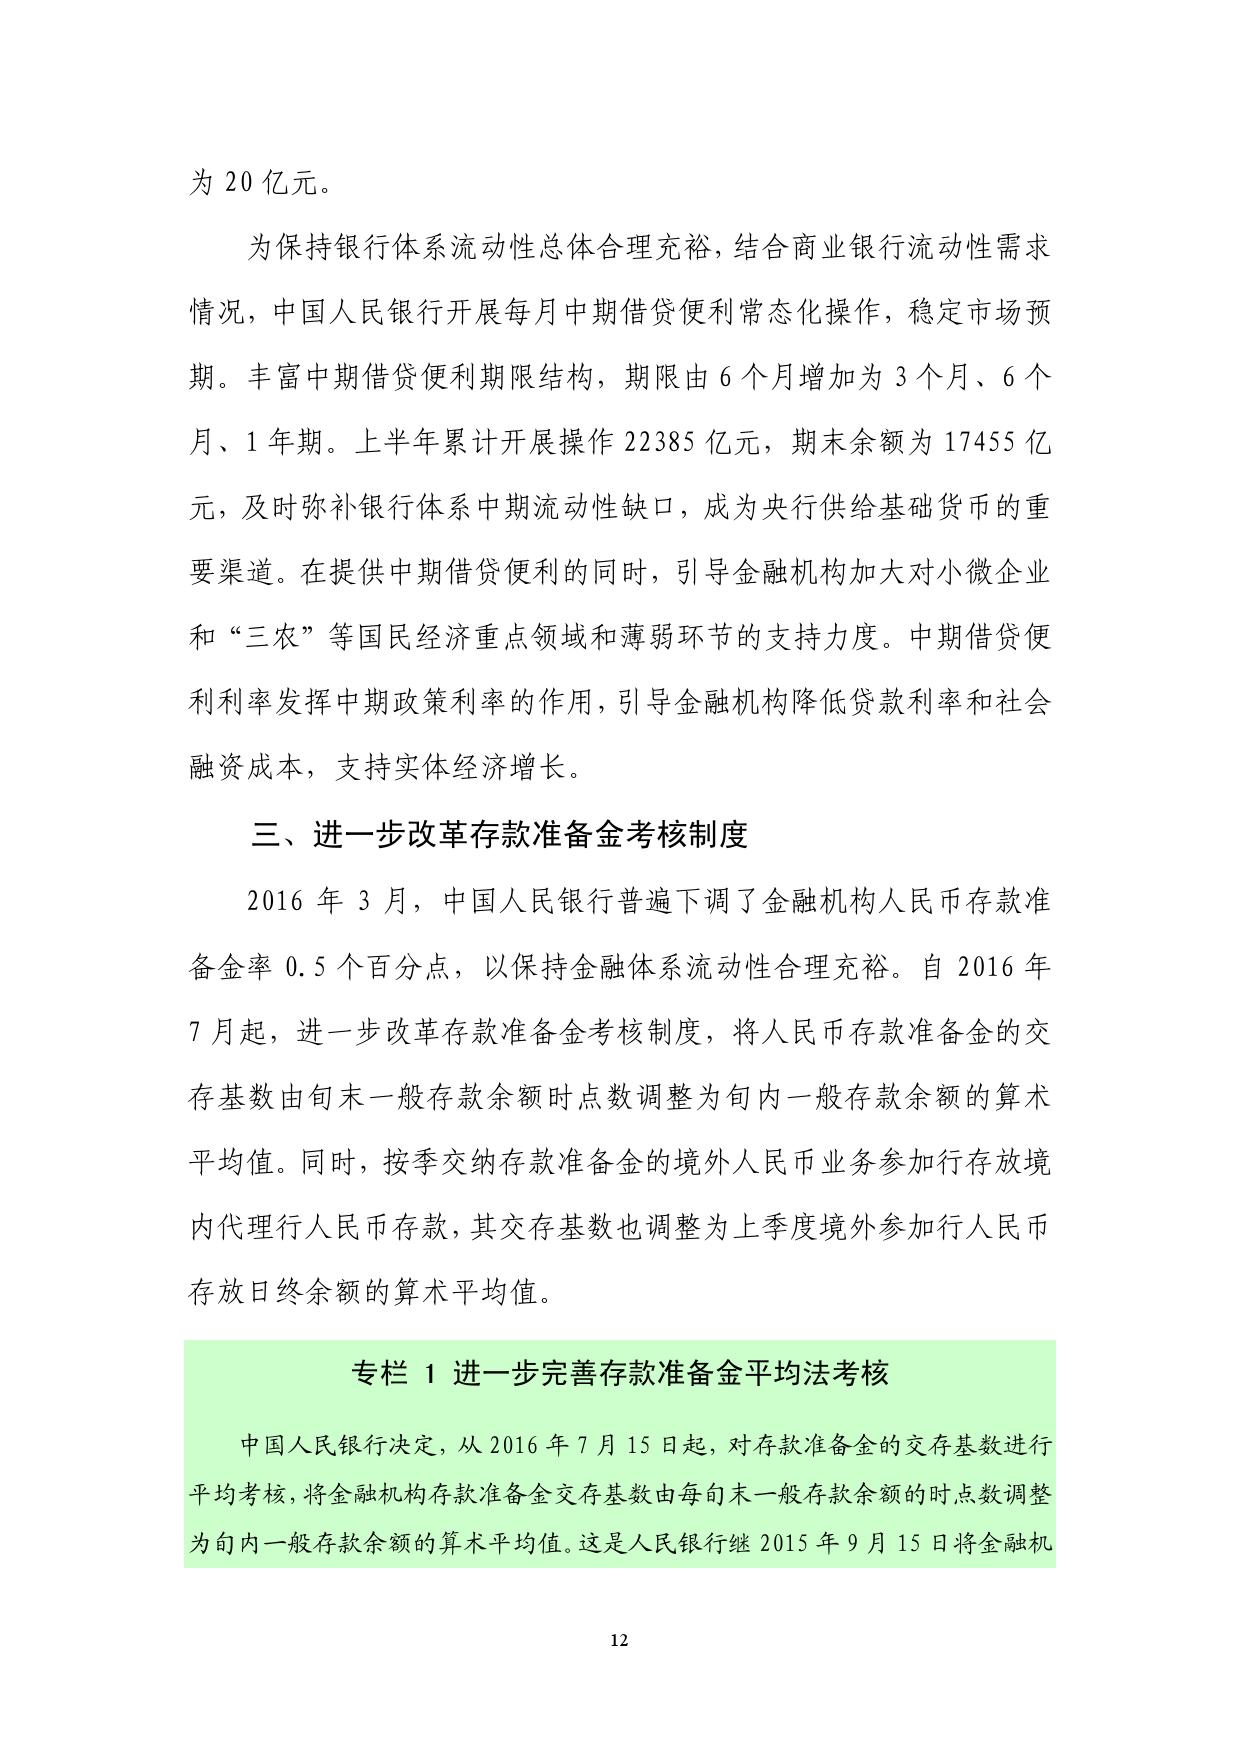 2016年Q2中国货币政策执行报告_000018